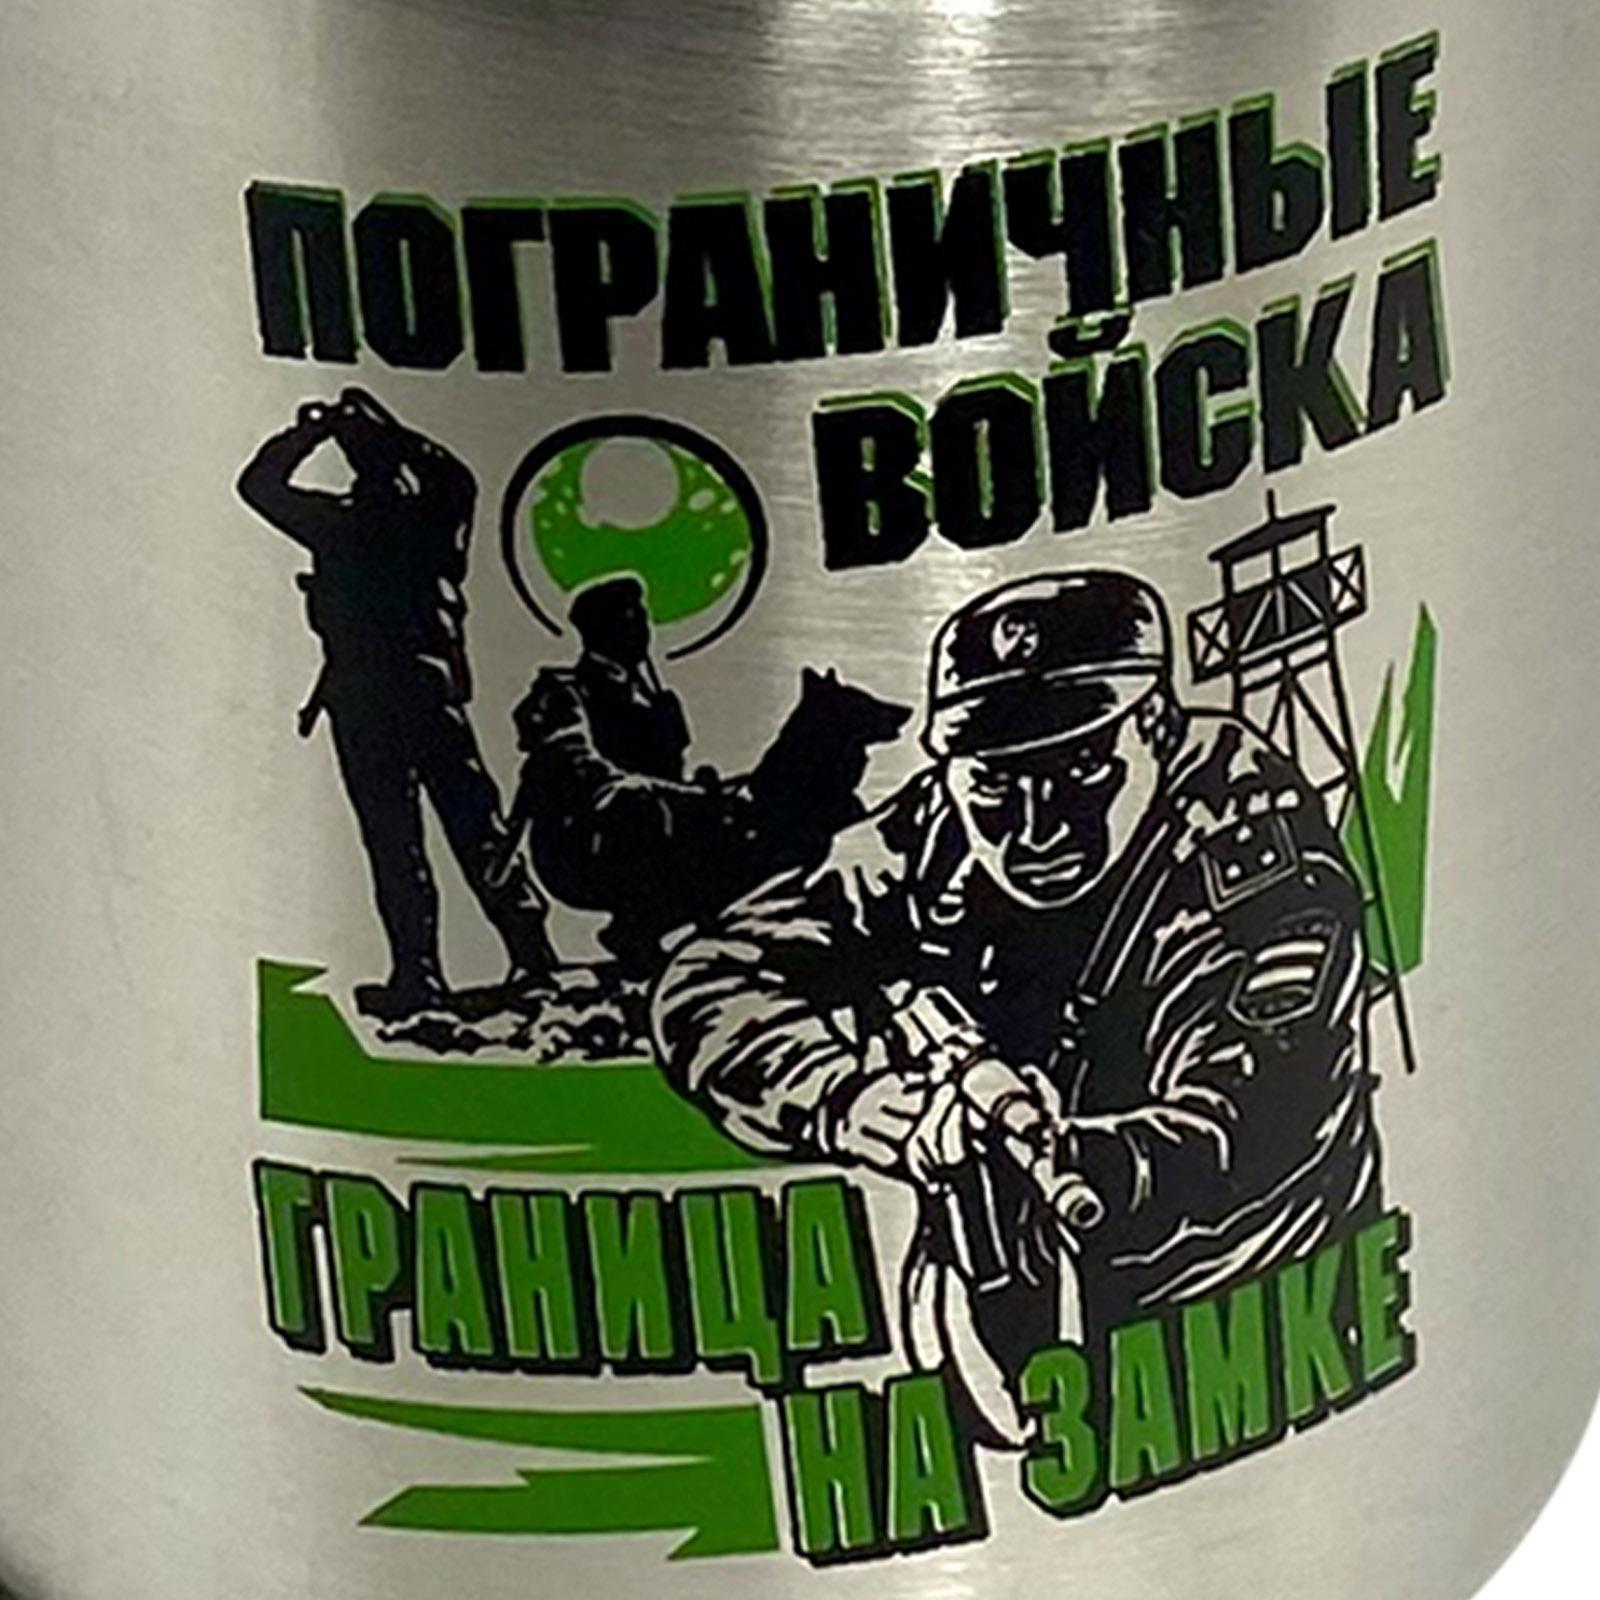 Купить термокружку Пограничные Войска выгодно в Военпро